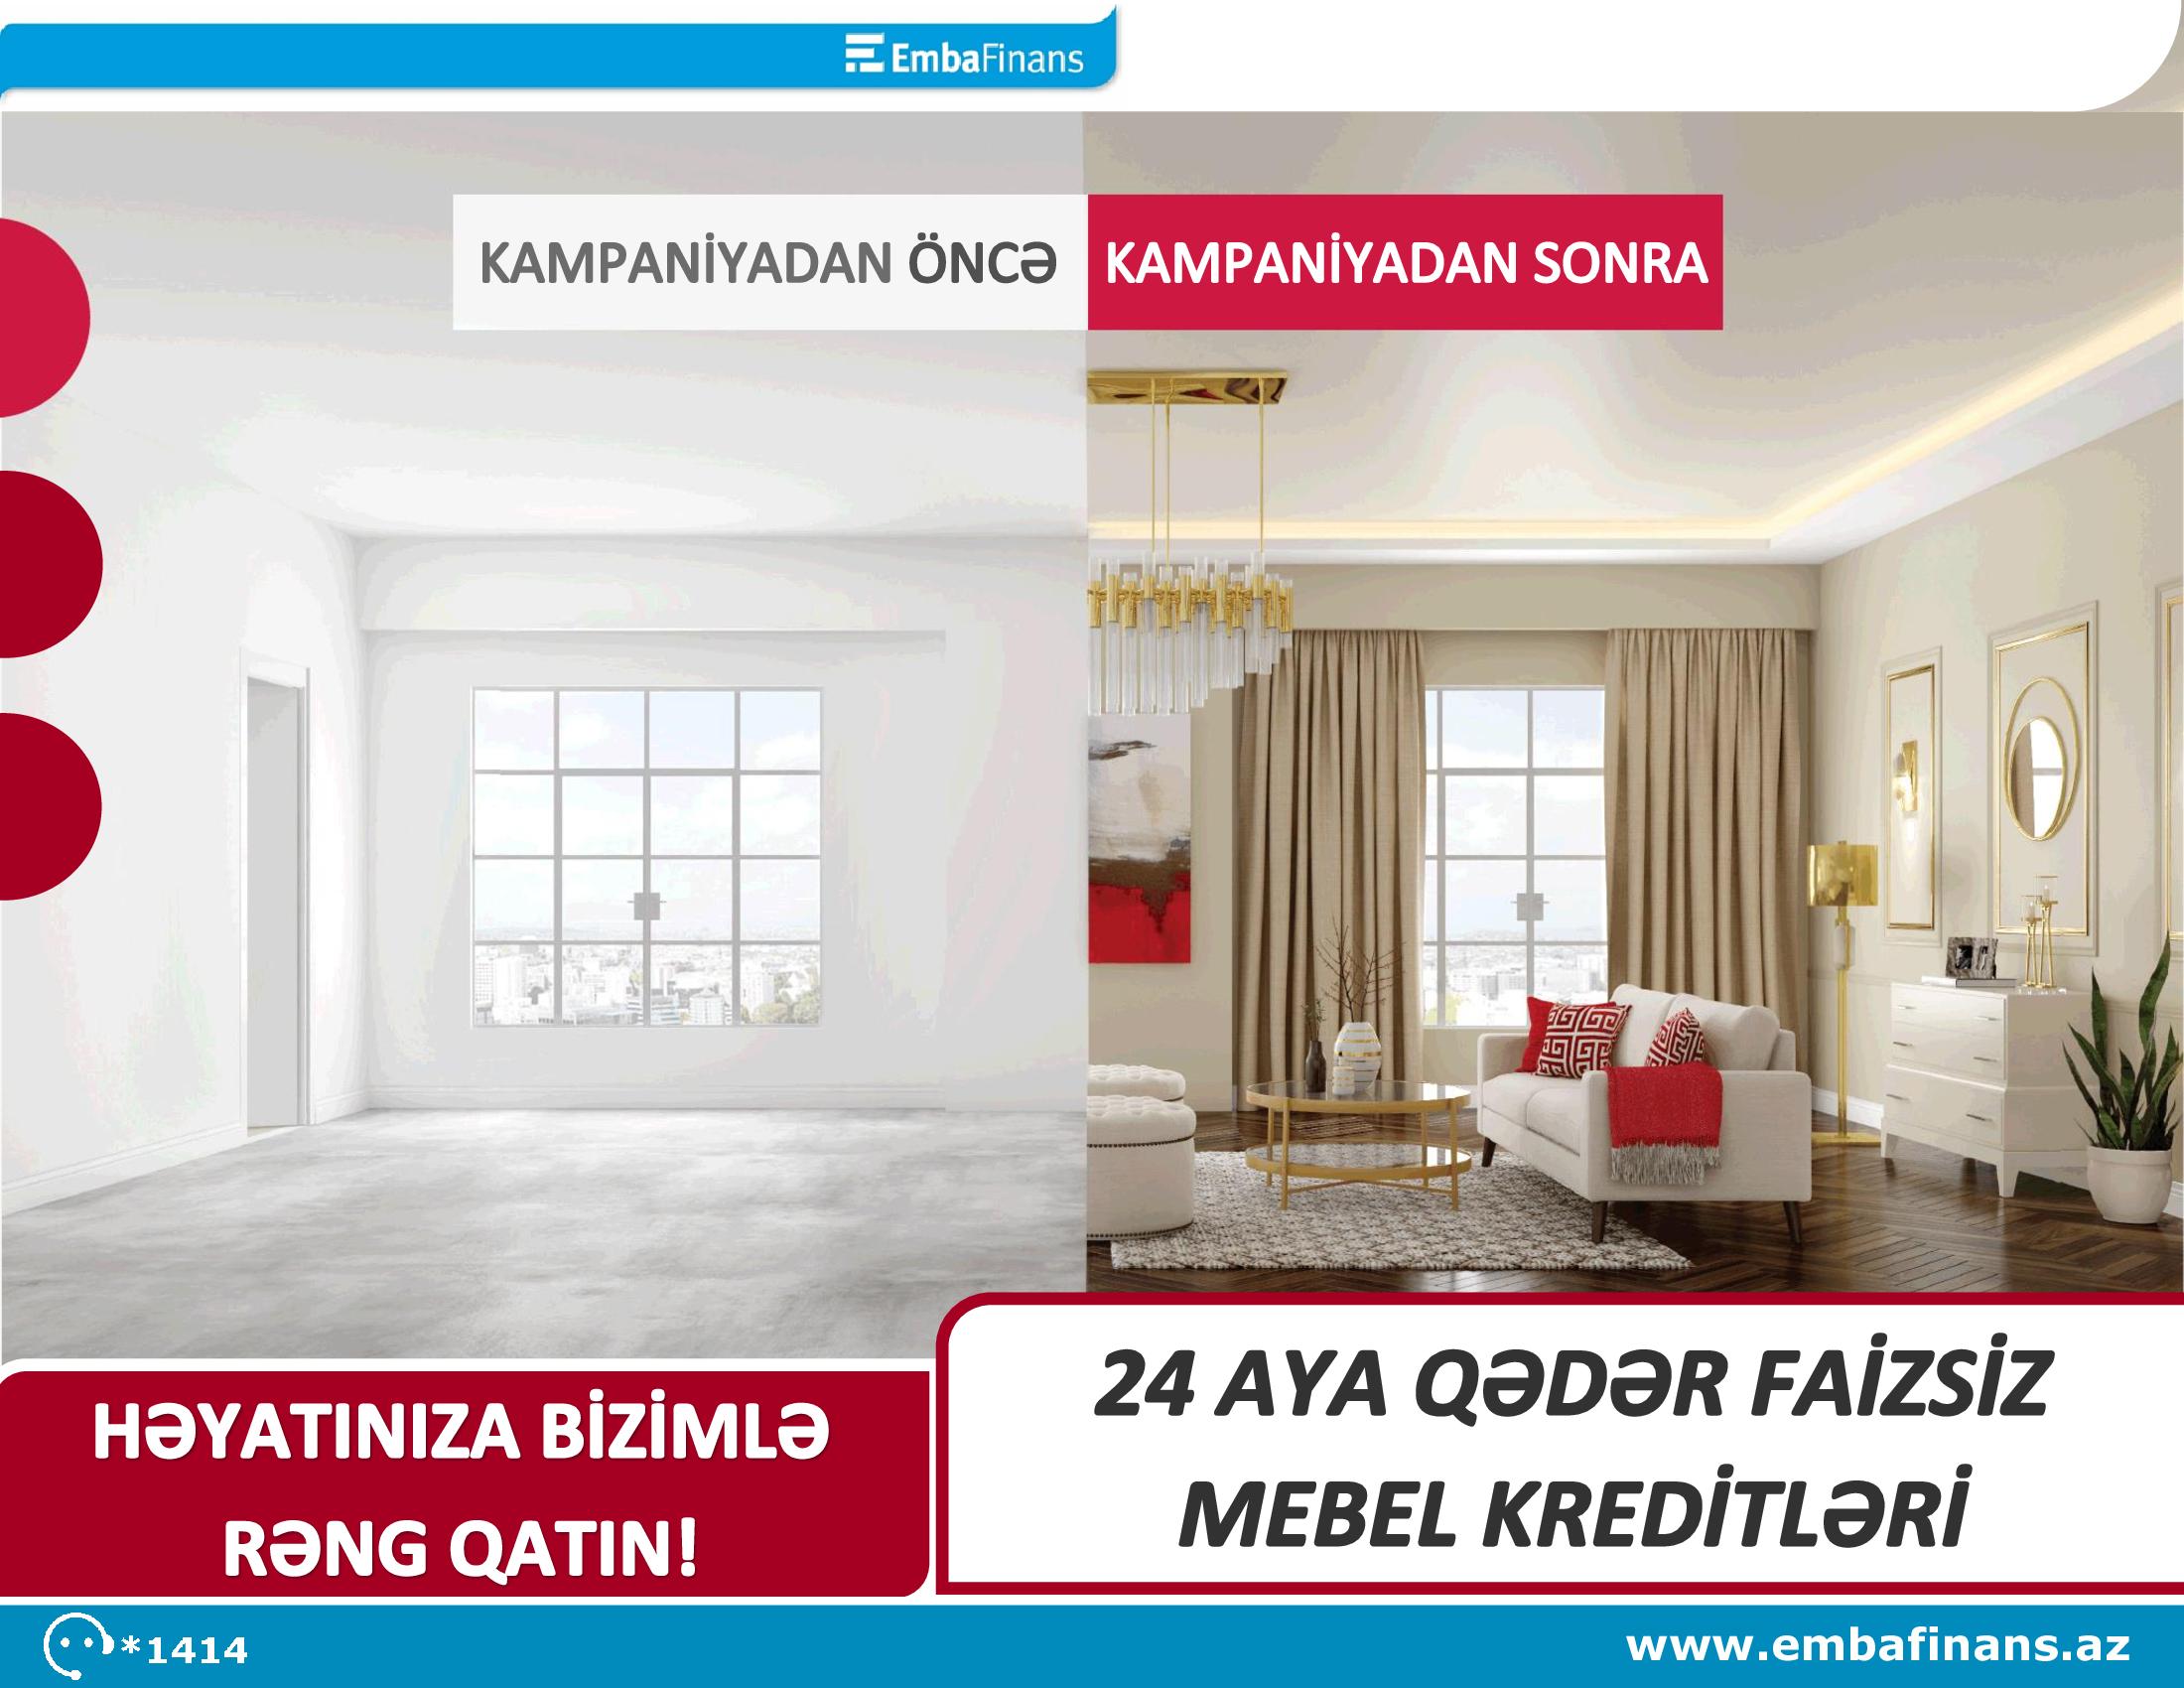 BOKT Embafinans QSC YENİDƏN öz müştərilərini sevindirir!!